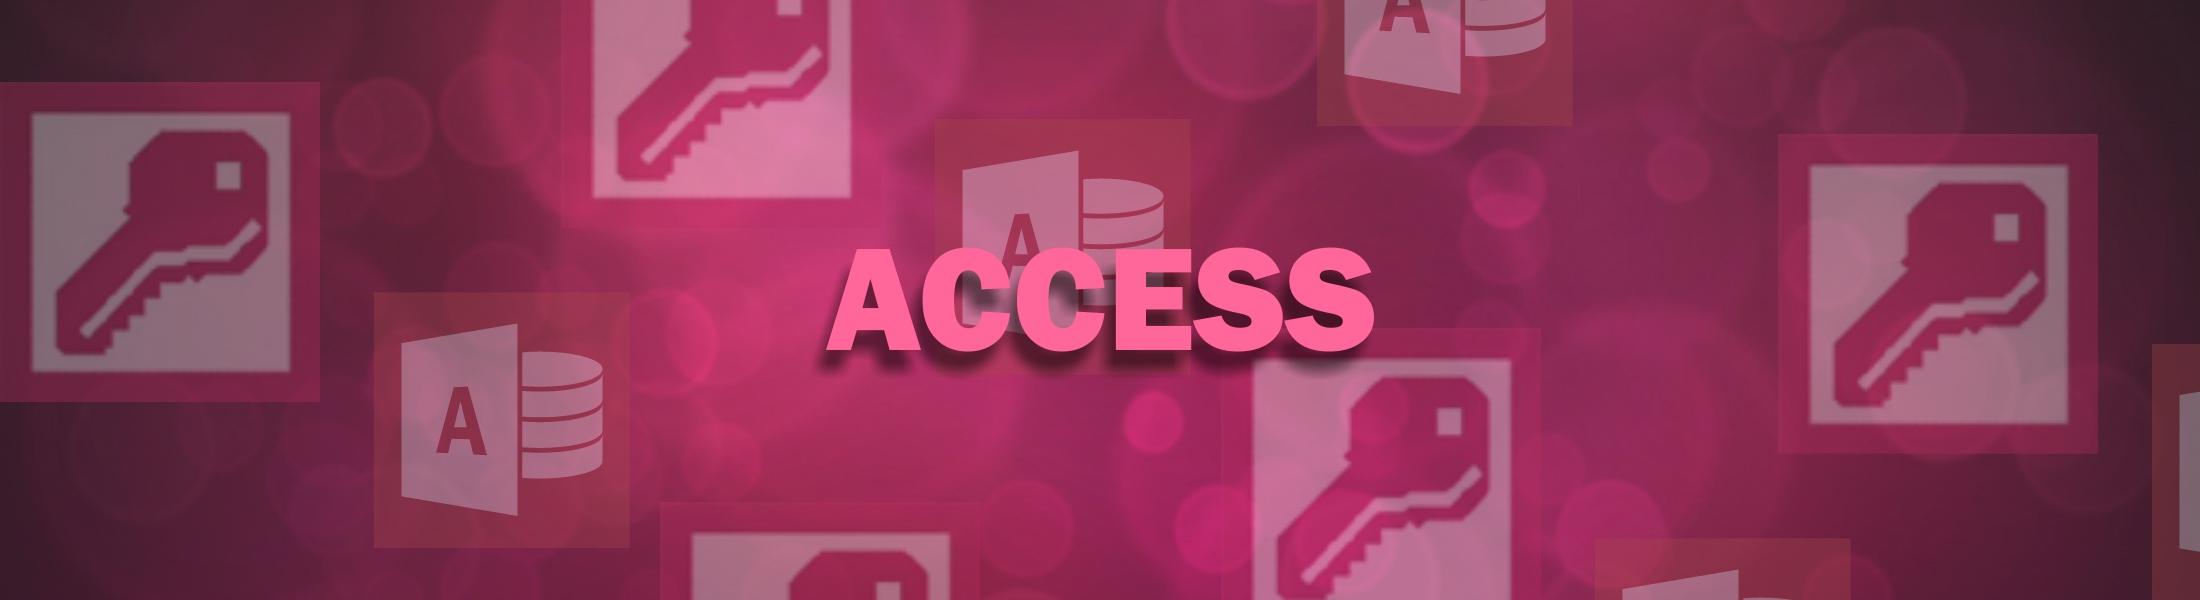 kurs access